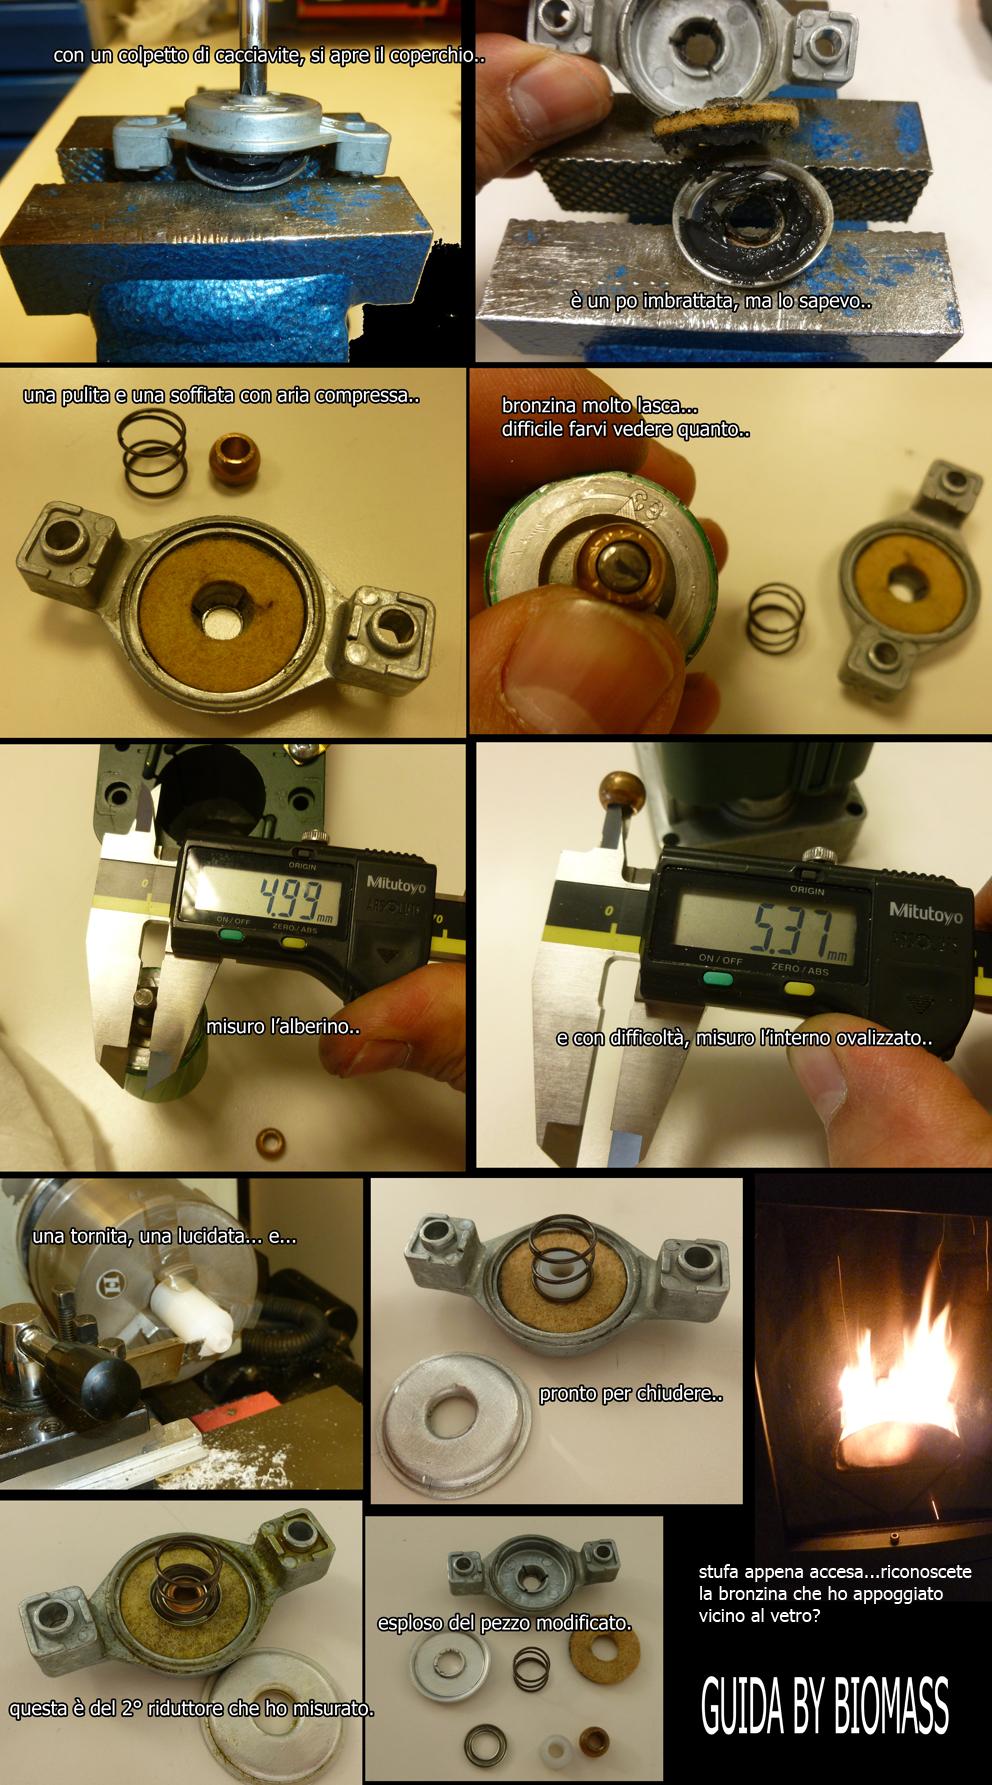 http://www.energialternativa.info/public/newforum/ForumEA/A/bronzelle.jpg